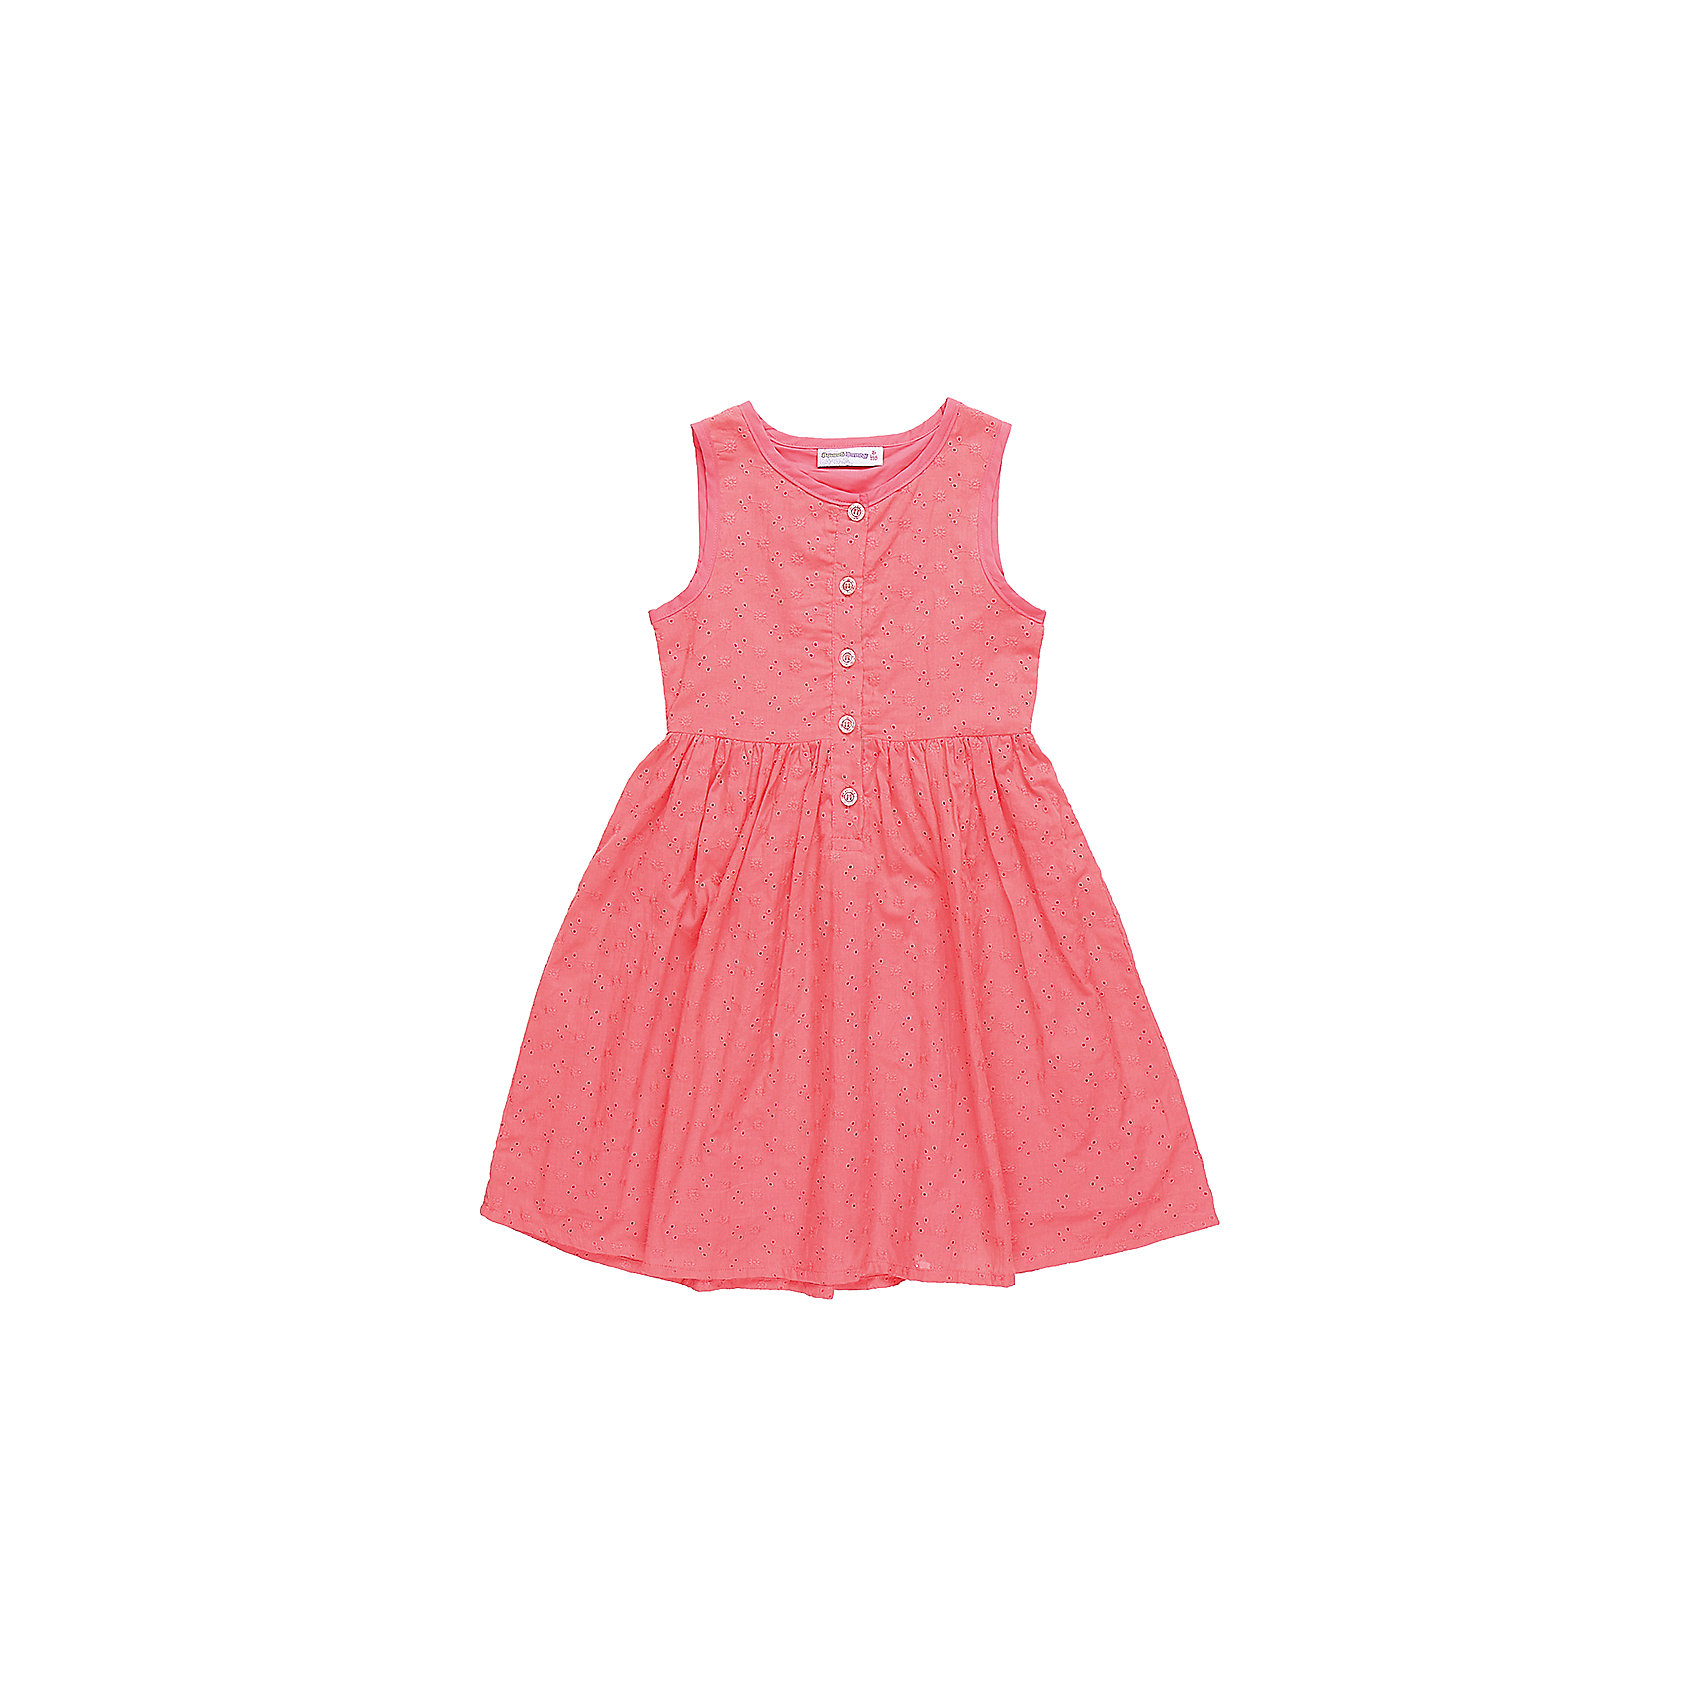 Платье для девочки Sweet BerryЛетние платья и сарафаны<br>Текстильное платье из хлопка для девочки без рукавов. Приталенный крой. Застегивается на пуговки.<br>Состав:<br>Верх: 100% хлопок, Подкладка: 100%хлопок<br><br>Ширина мм: 236<br>Глубина мм: 16<br>Высота мм: 184<br>Вес г: 177<br>Цвет: розовый<br>Возраст от месяцев: 72<br>Возраст до месяцев: 84<br>Пол: Женский<br>Возраст: Детский<br>Размер: 122,128,104,110,98,116<br>SKU: 5412237